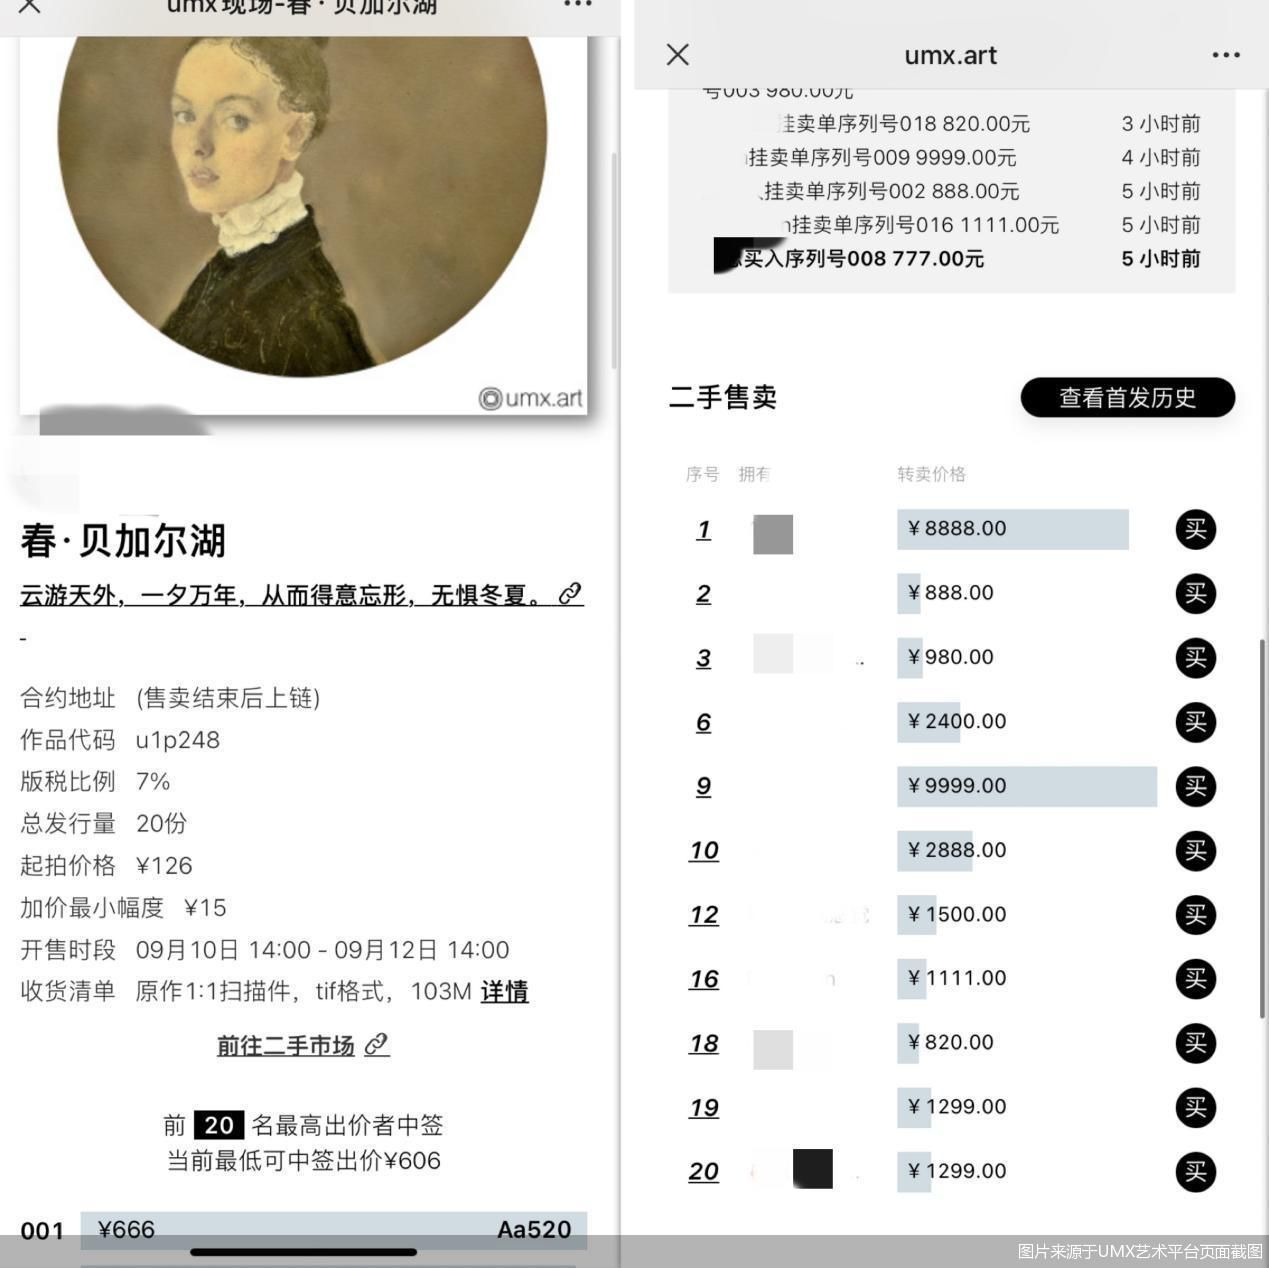 图片来源于UMX艺术平台页面截图